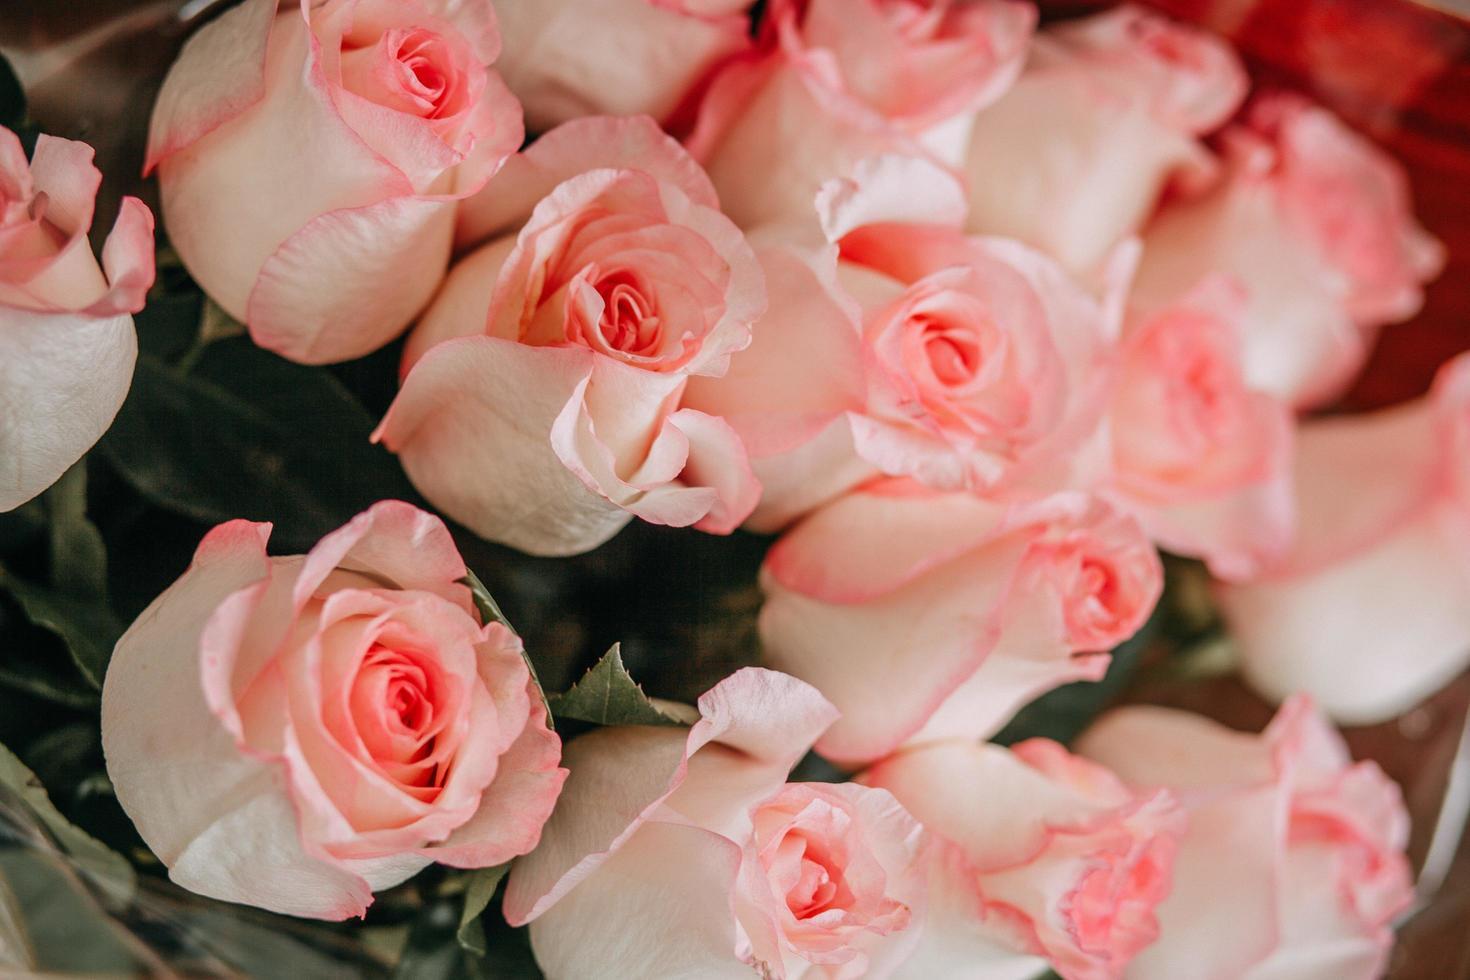 roze roos boeket foto